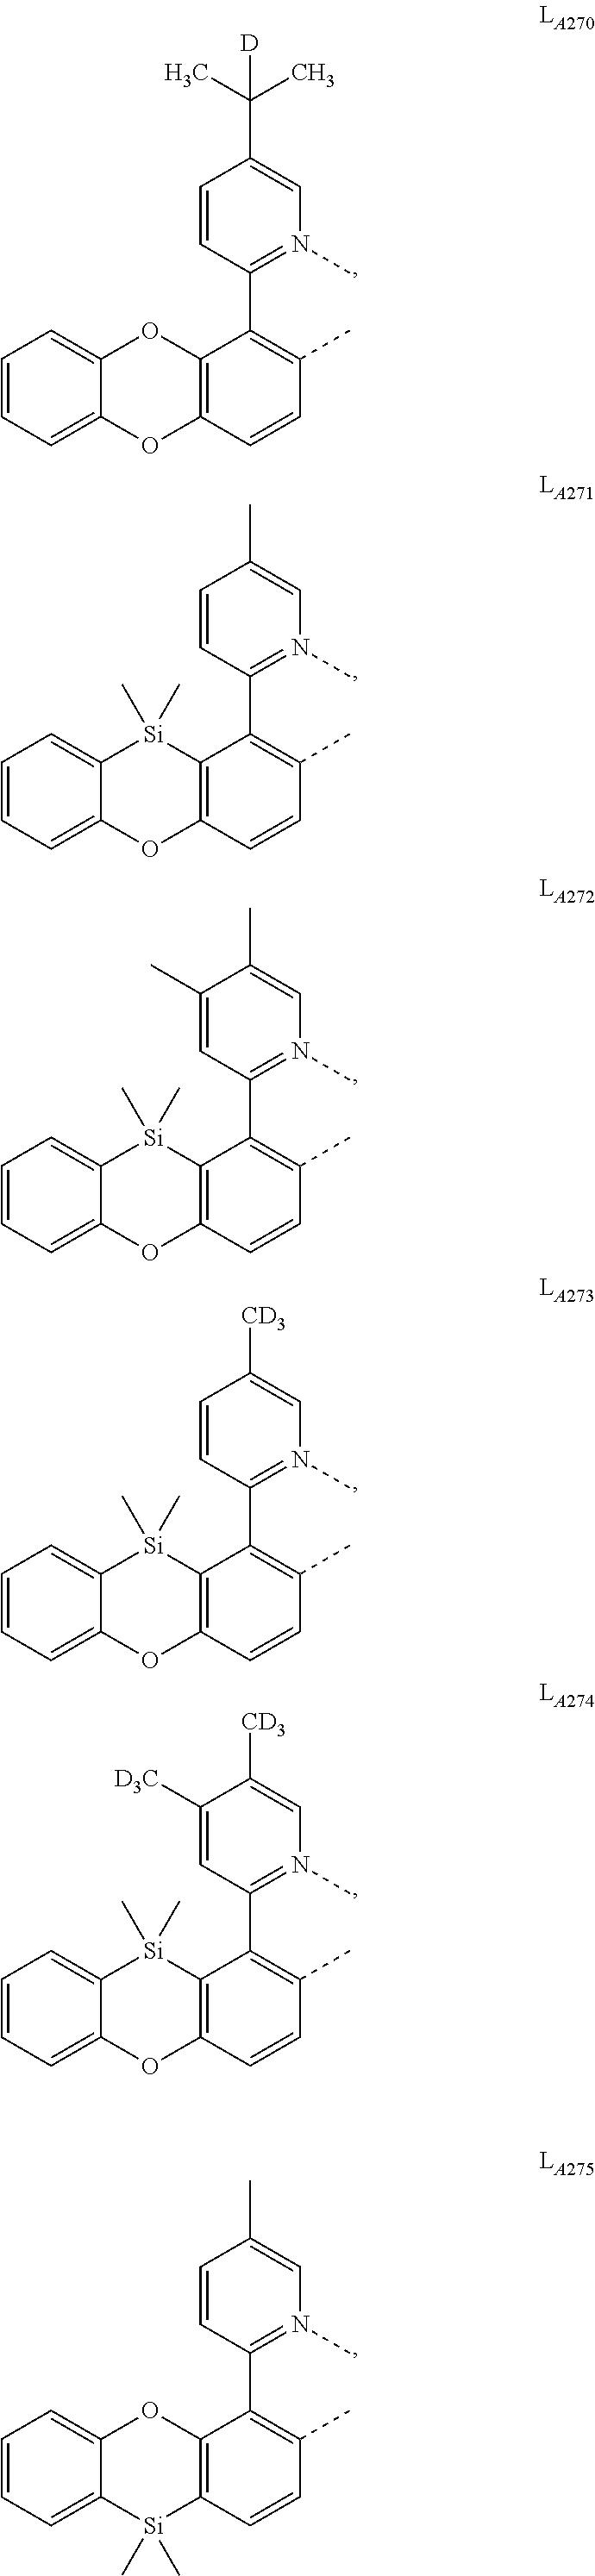 Figure US10153443-20181211-C00048